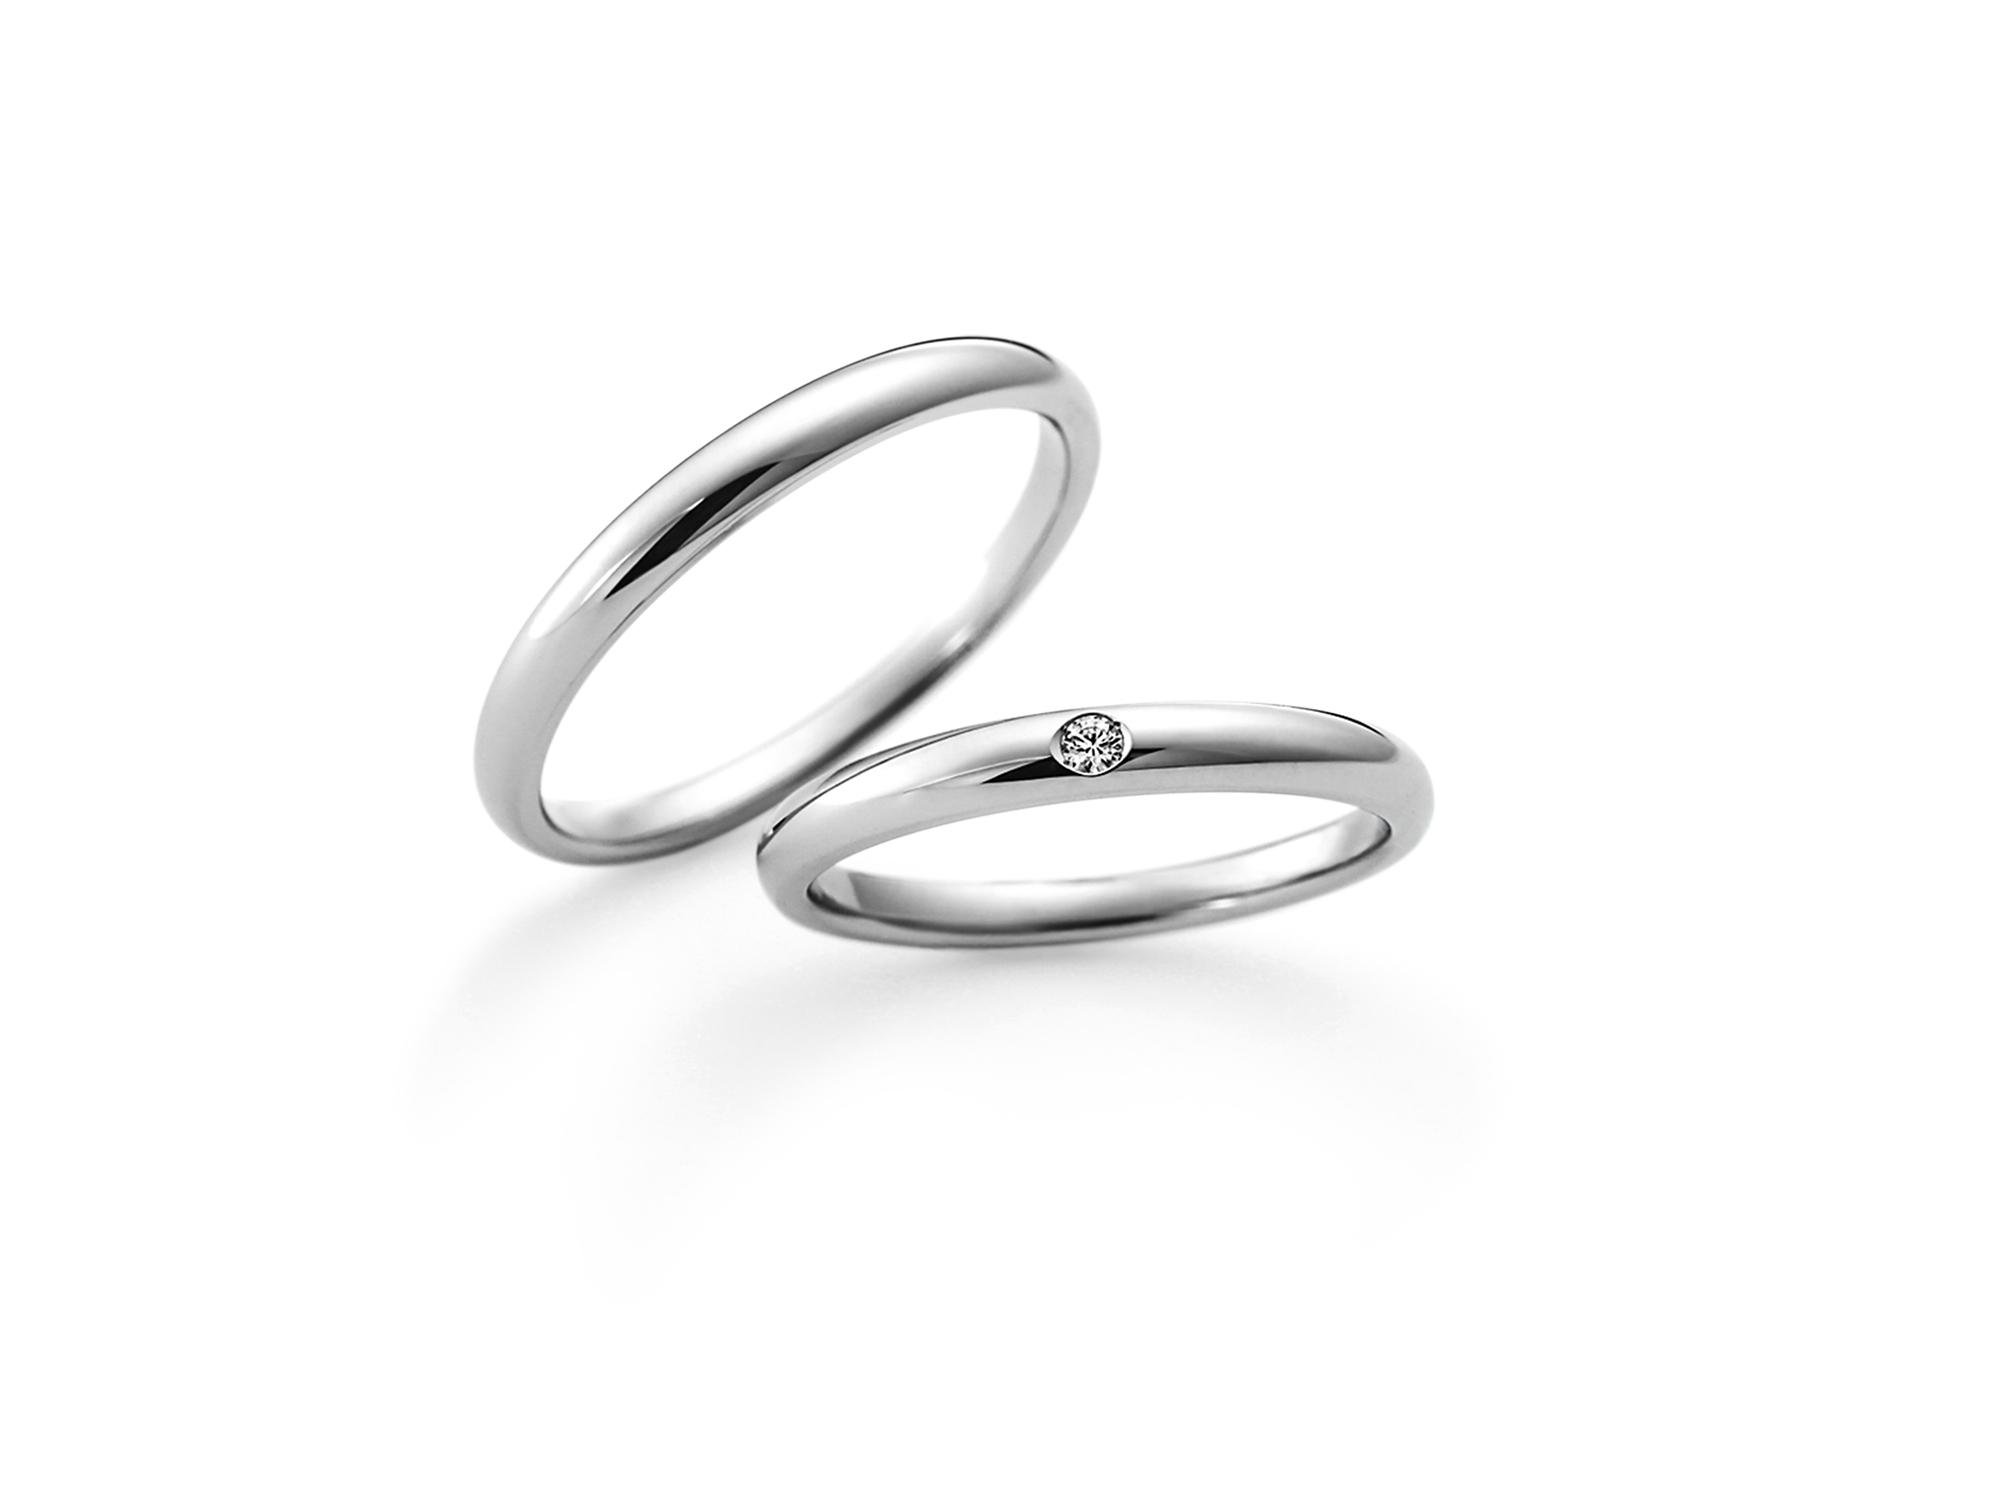 ストレートの結婚指輪|お気に入りのリングが見つかる3つの選び方・人気デザイン